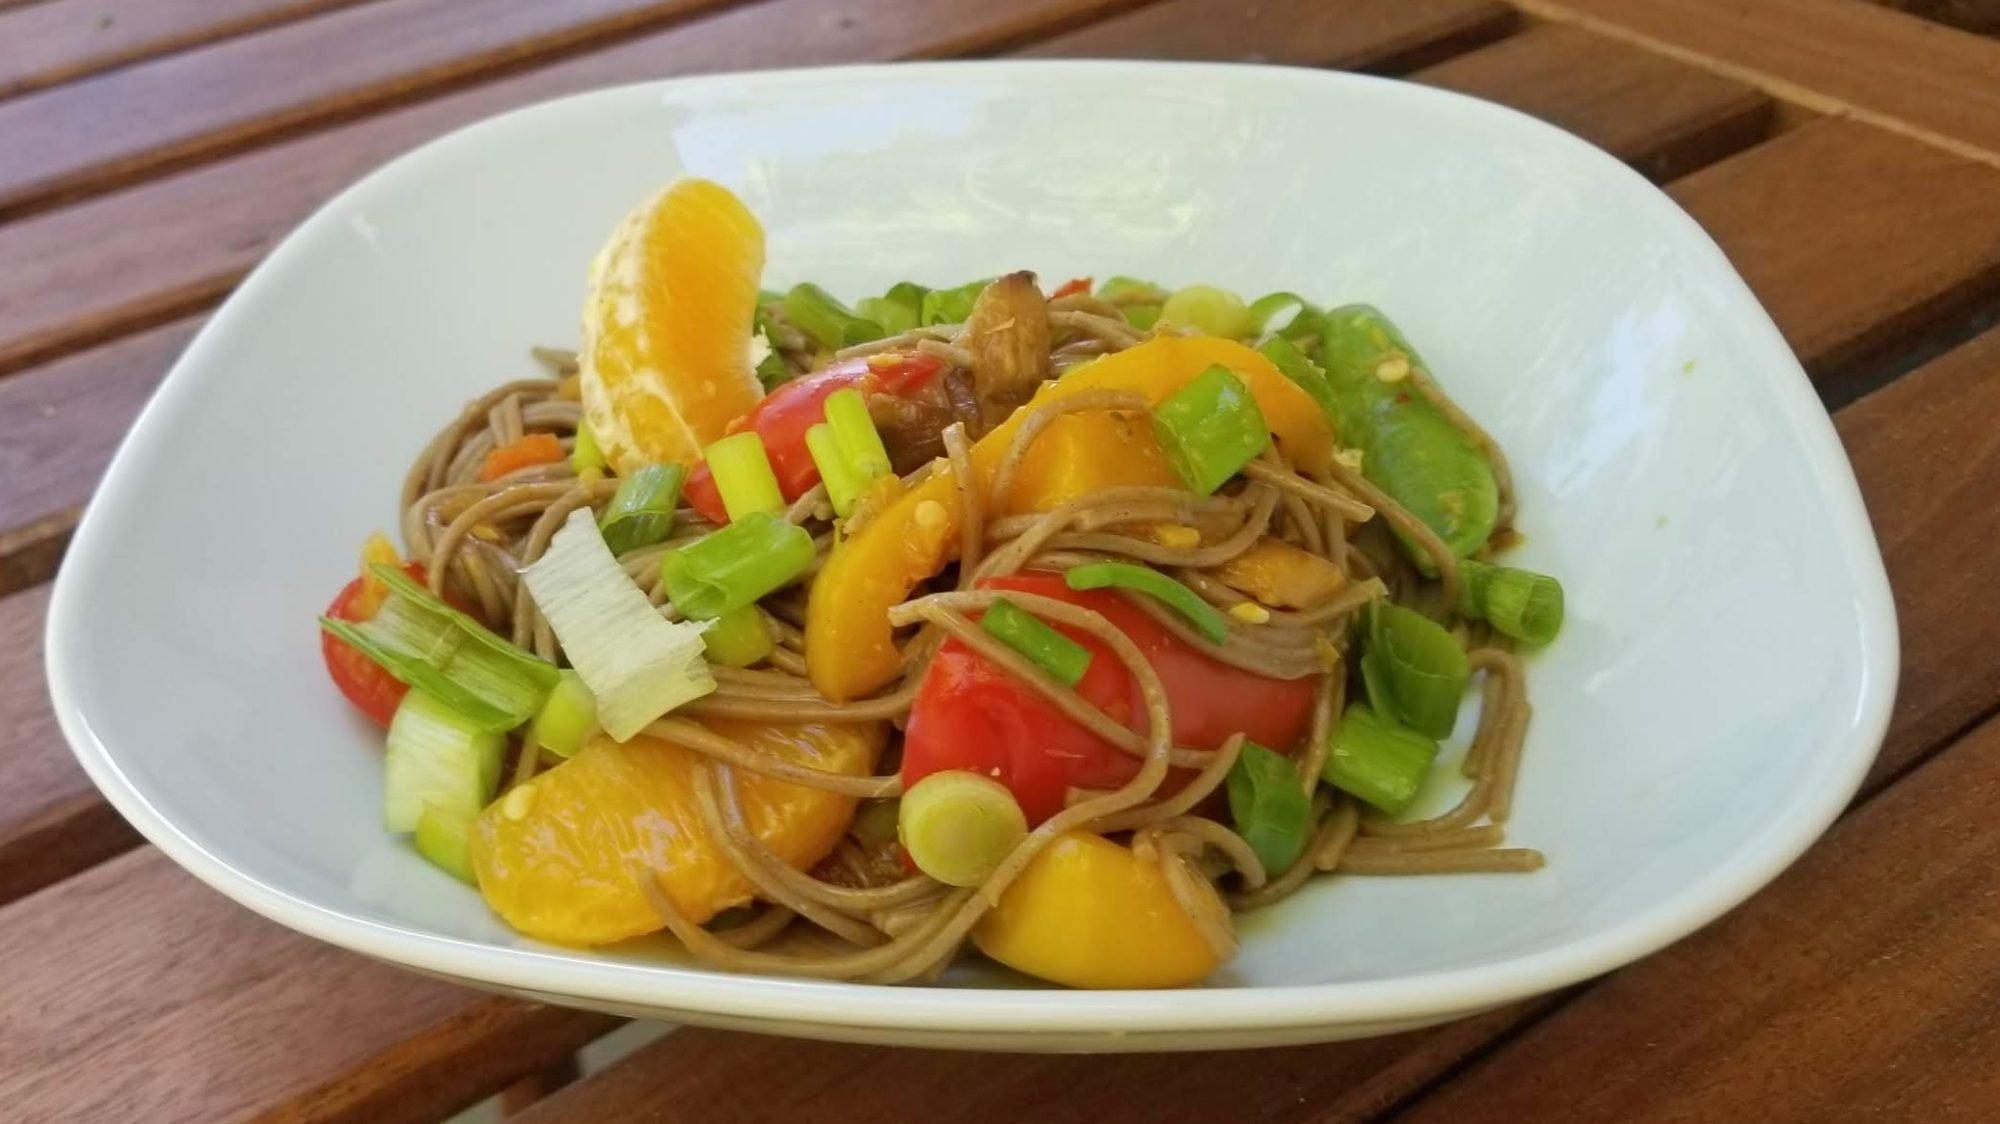 Orange Soba Noodle Stir Fry